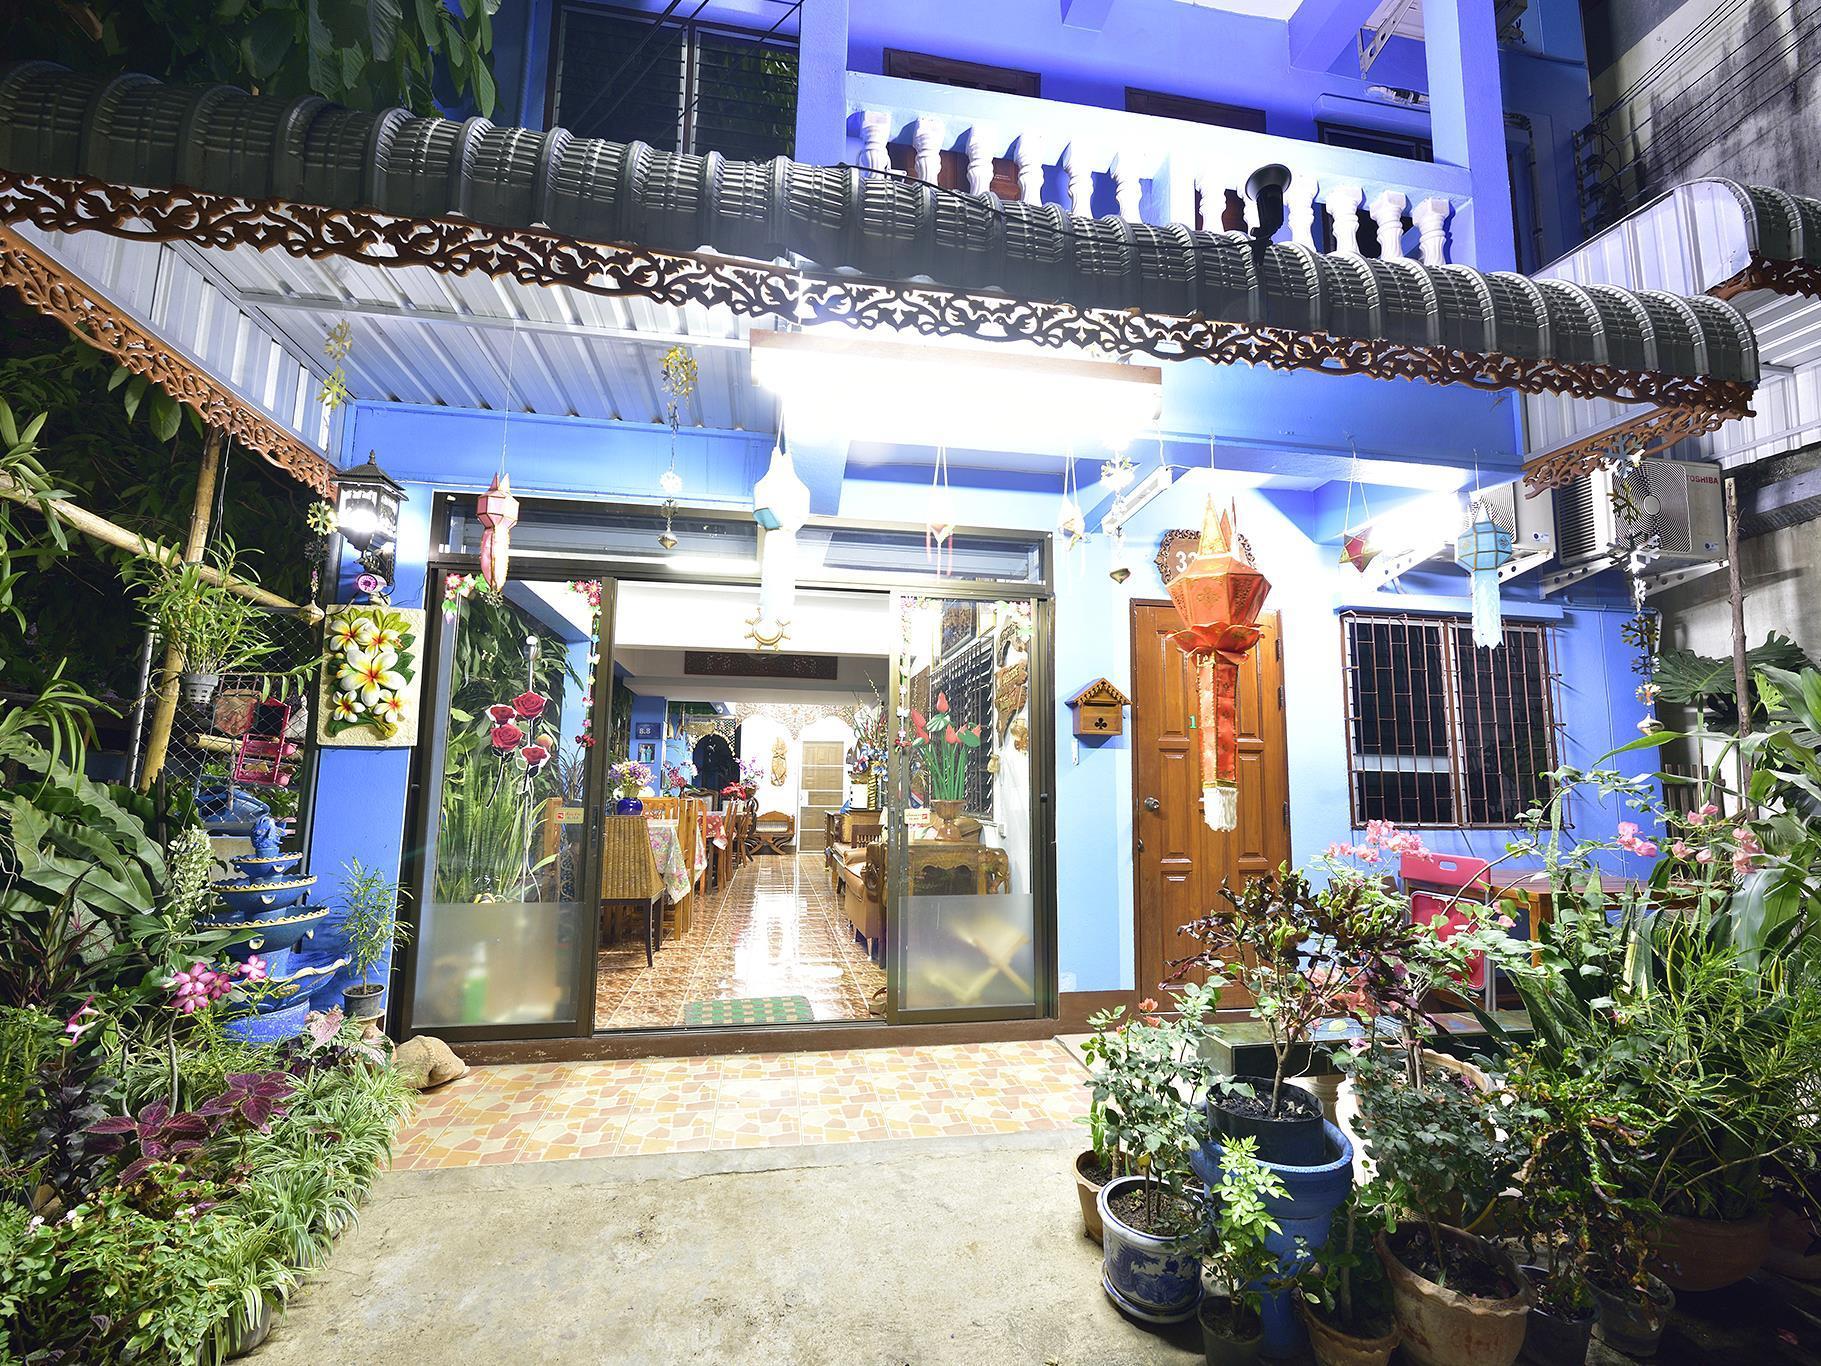 รีวิว สายทอง เฮาส์ (Saithong House)